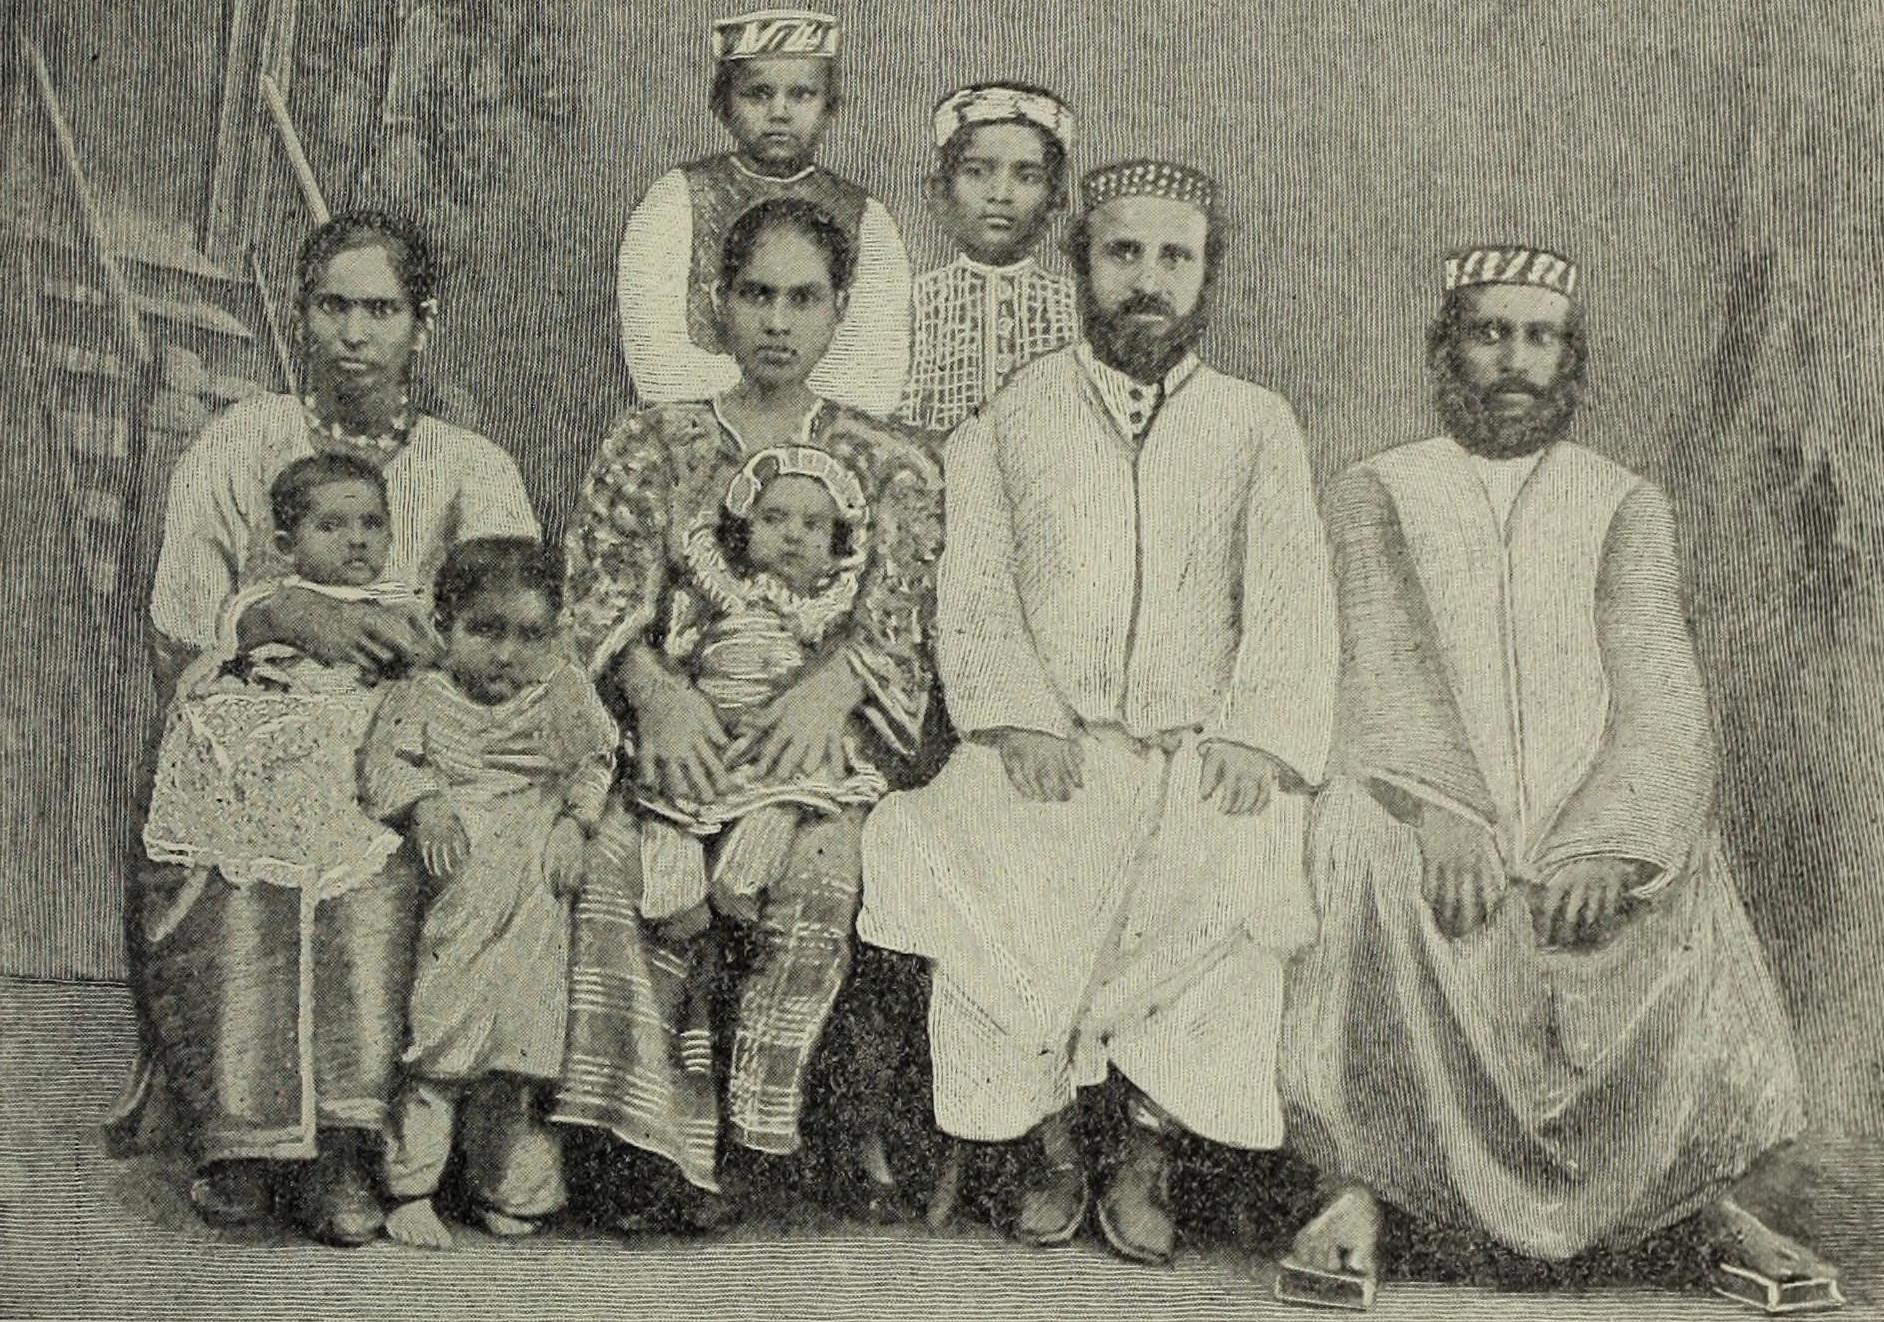 Image:Cochin Jews.jpg